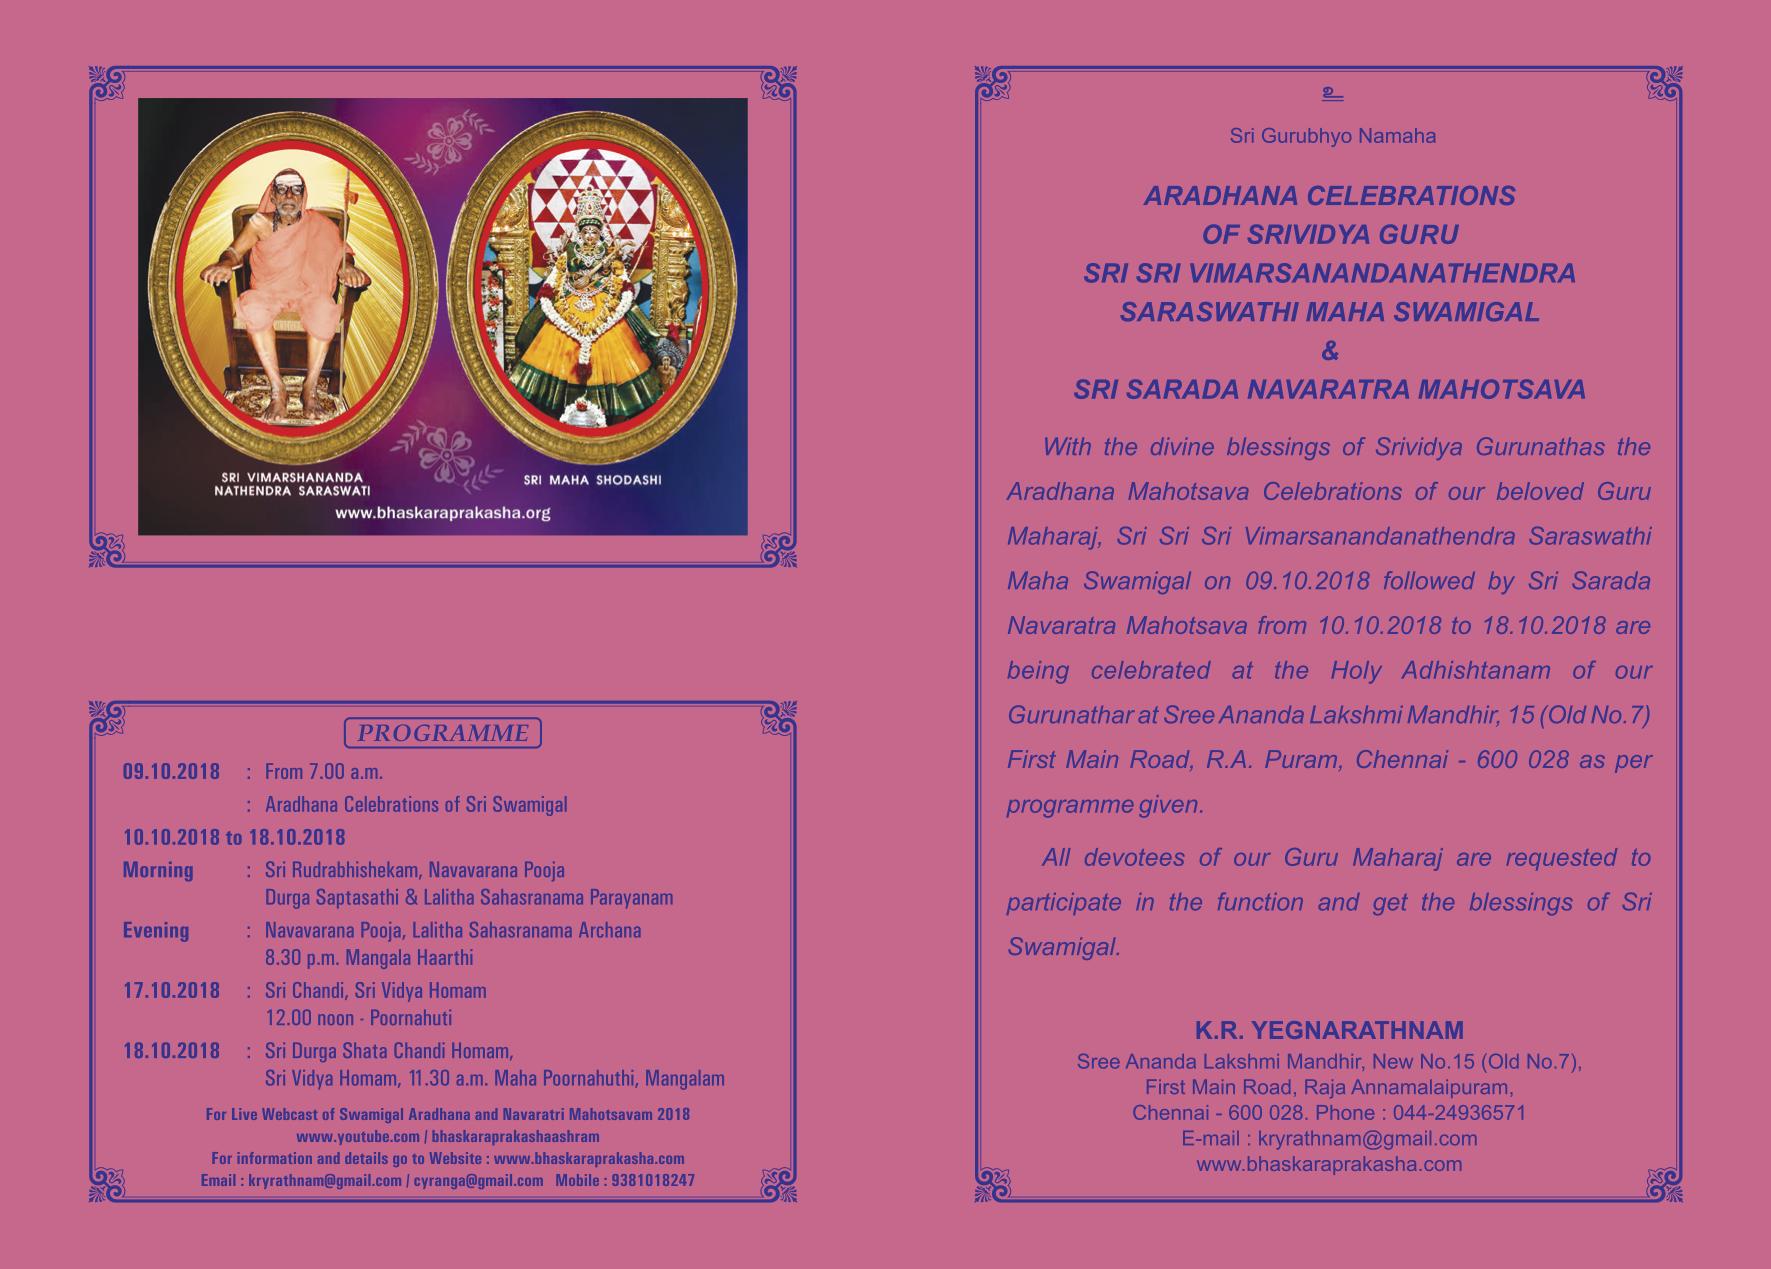 Bhaskara Prakasha Ashram Navaratri Invitation 2018 English.png